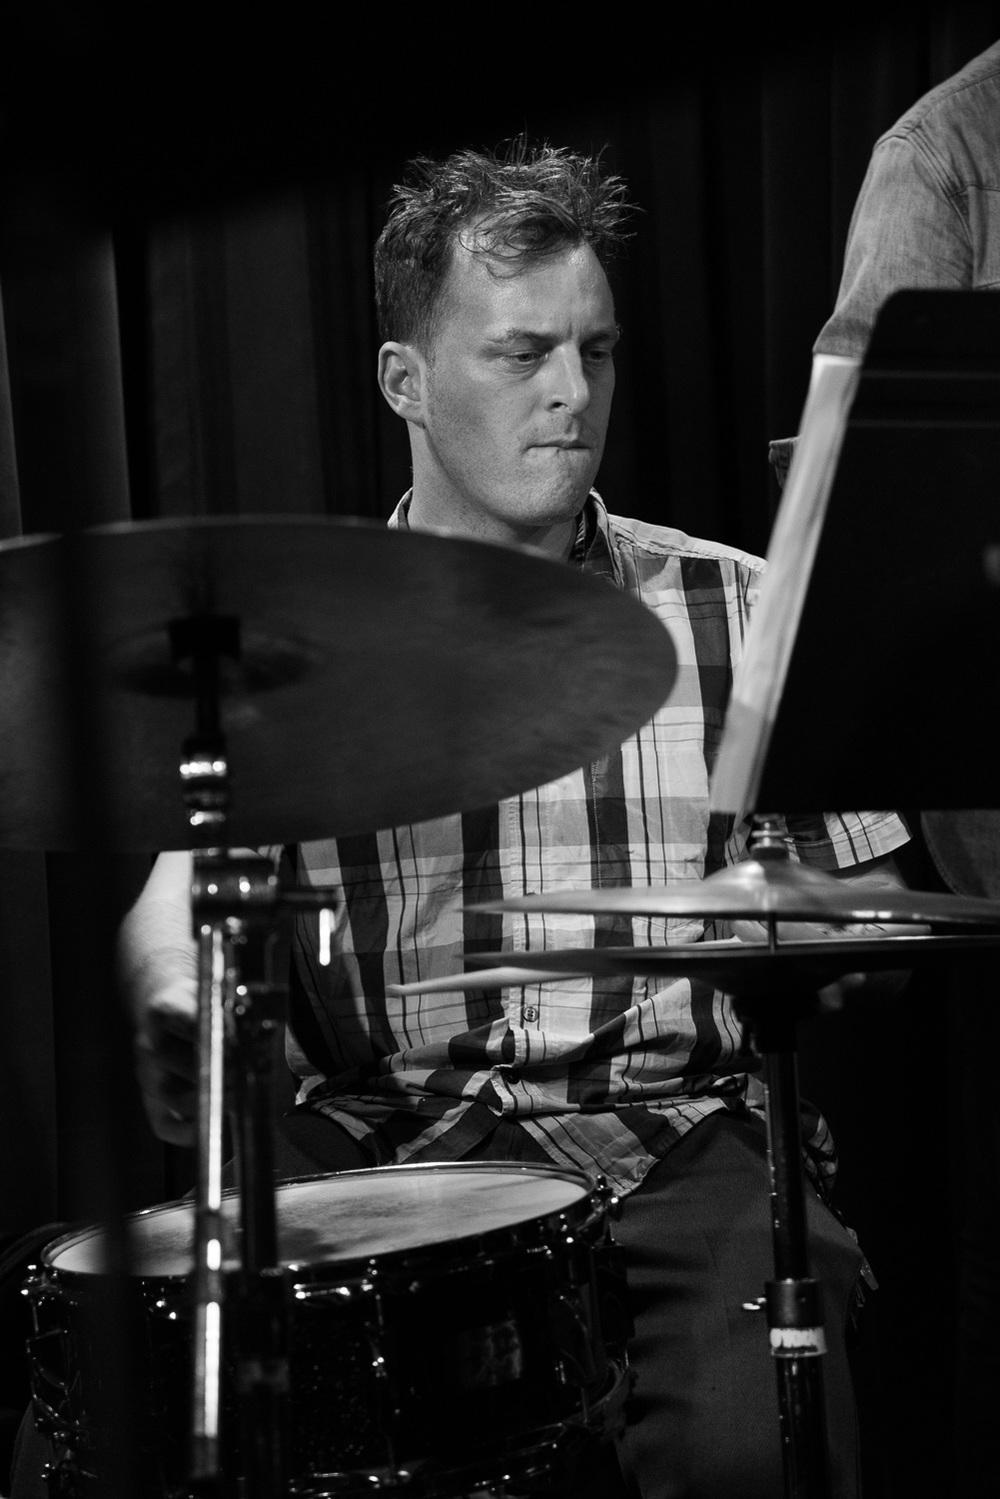 Jochen Rueckert, 2015